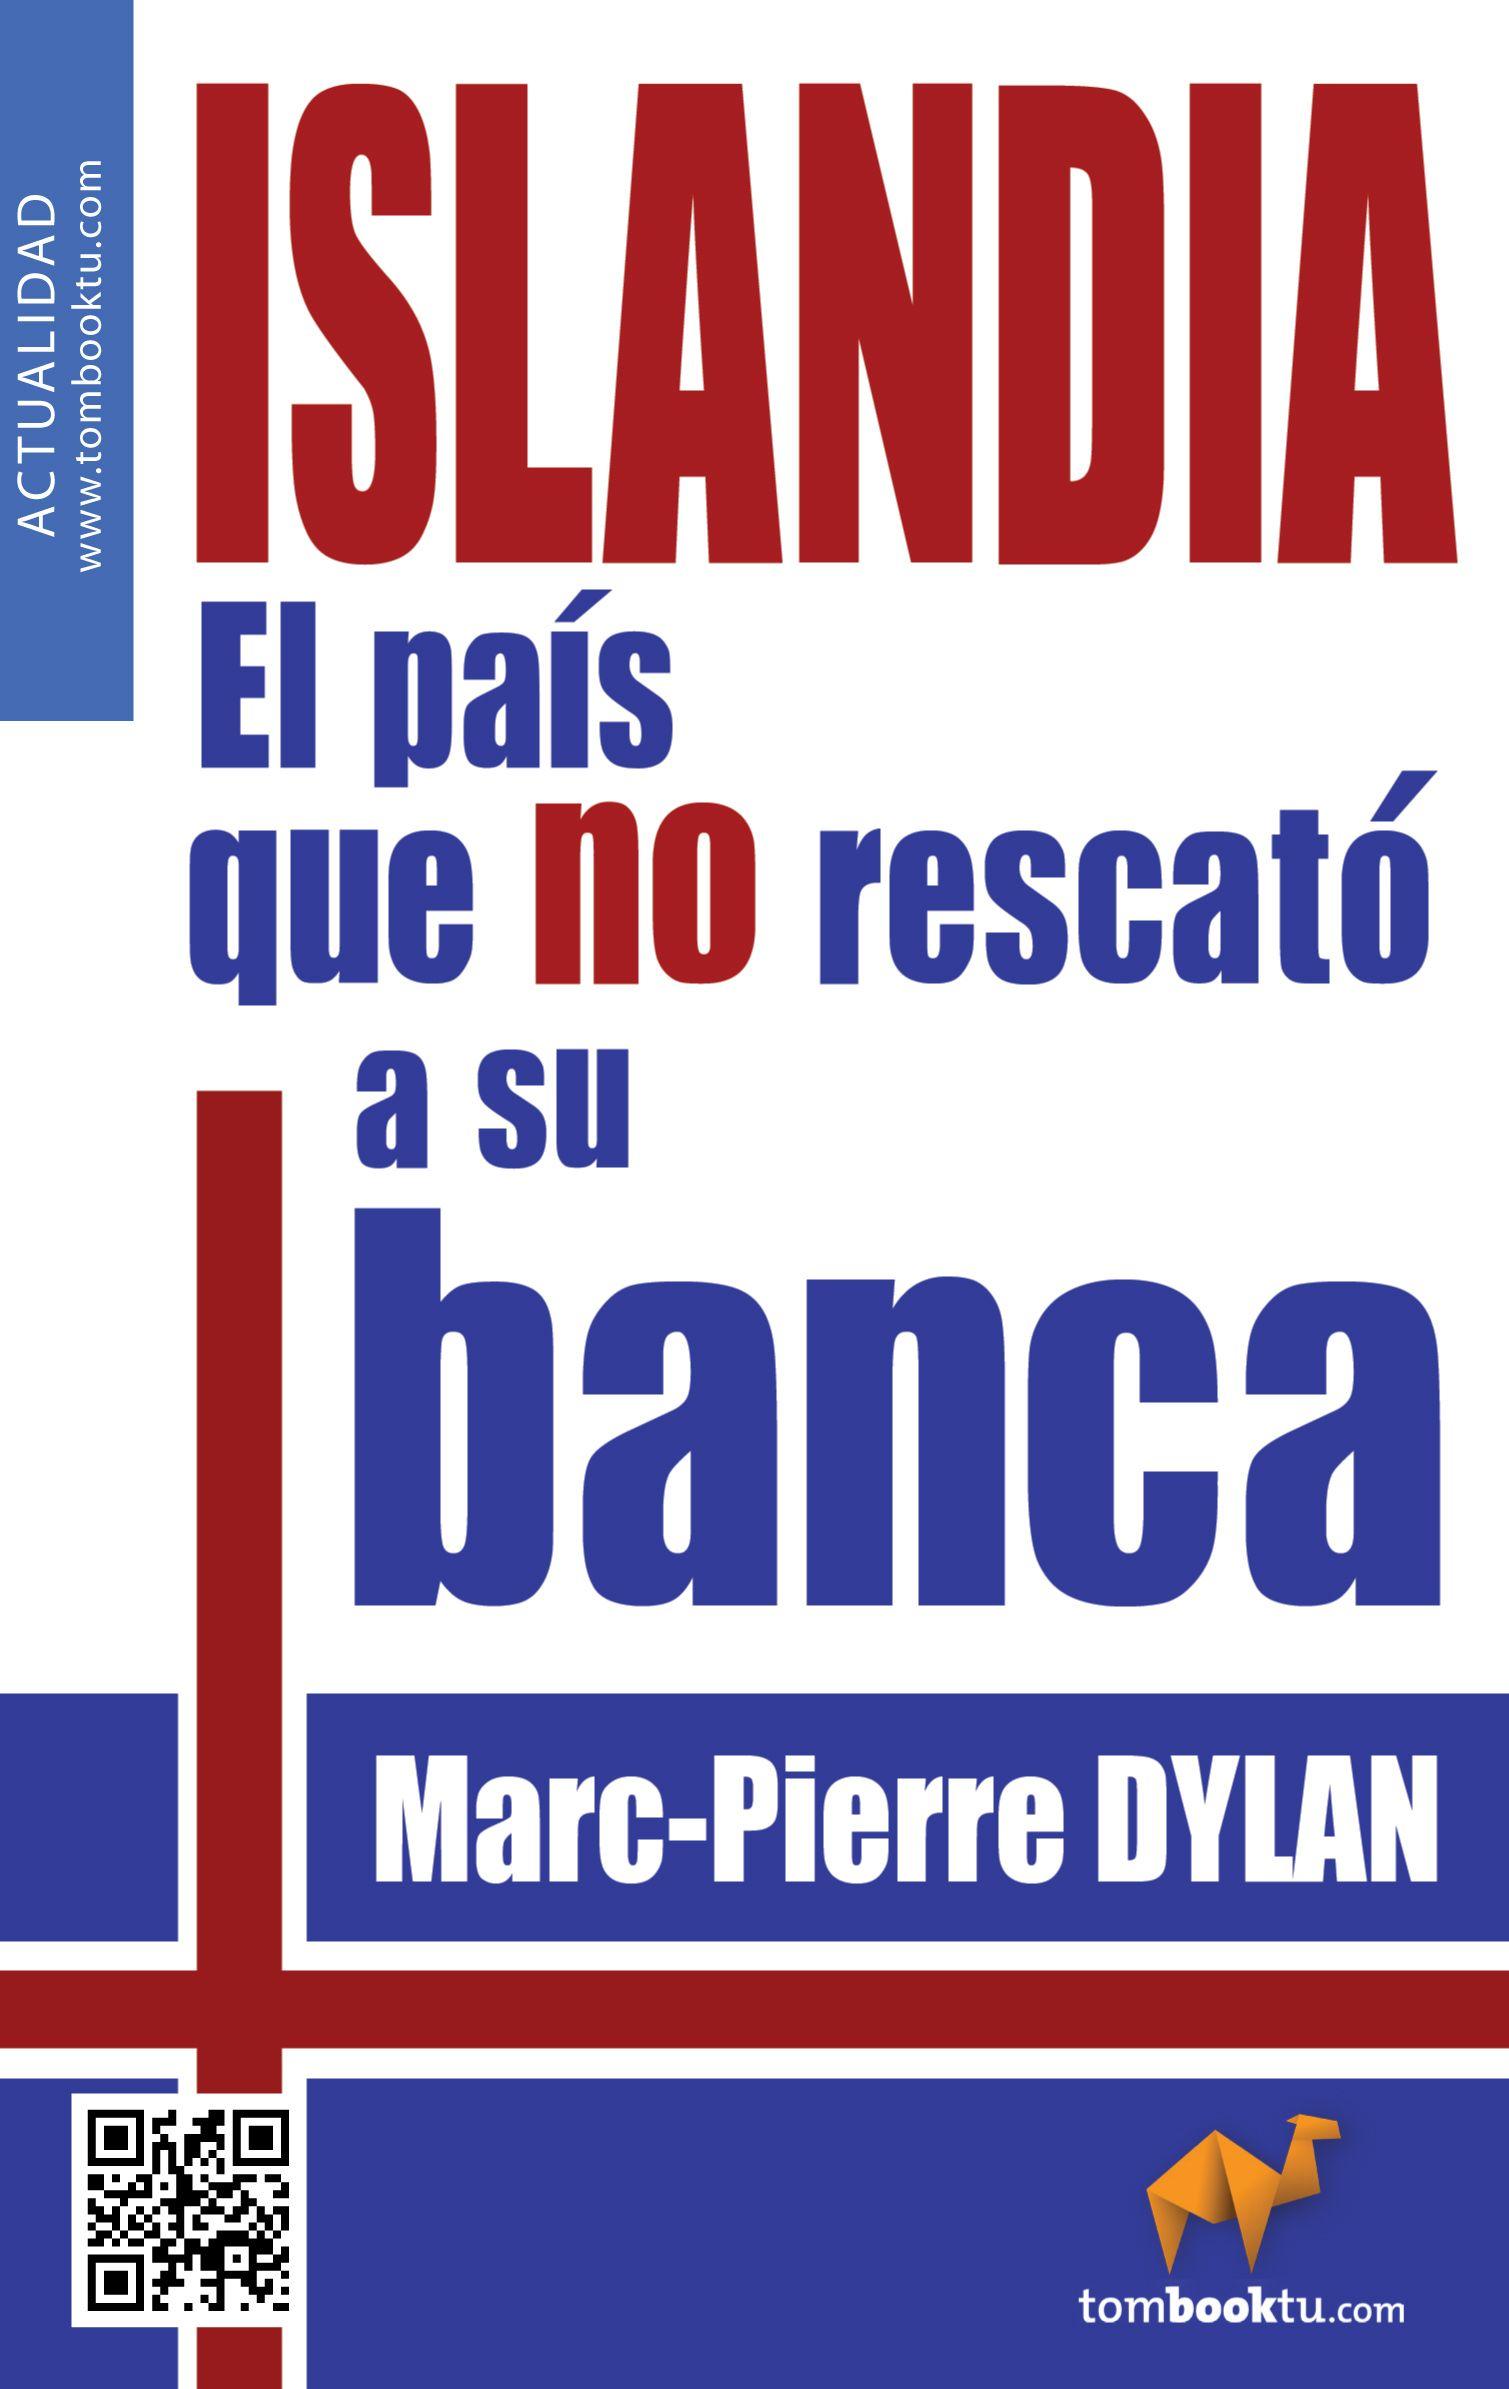 http://literariacomunicacion.files.wordpress.com/2012/07/portada-islandia-def.jpg